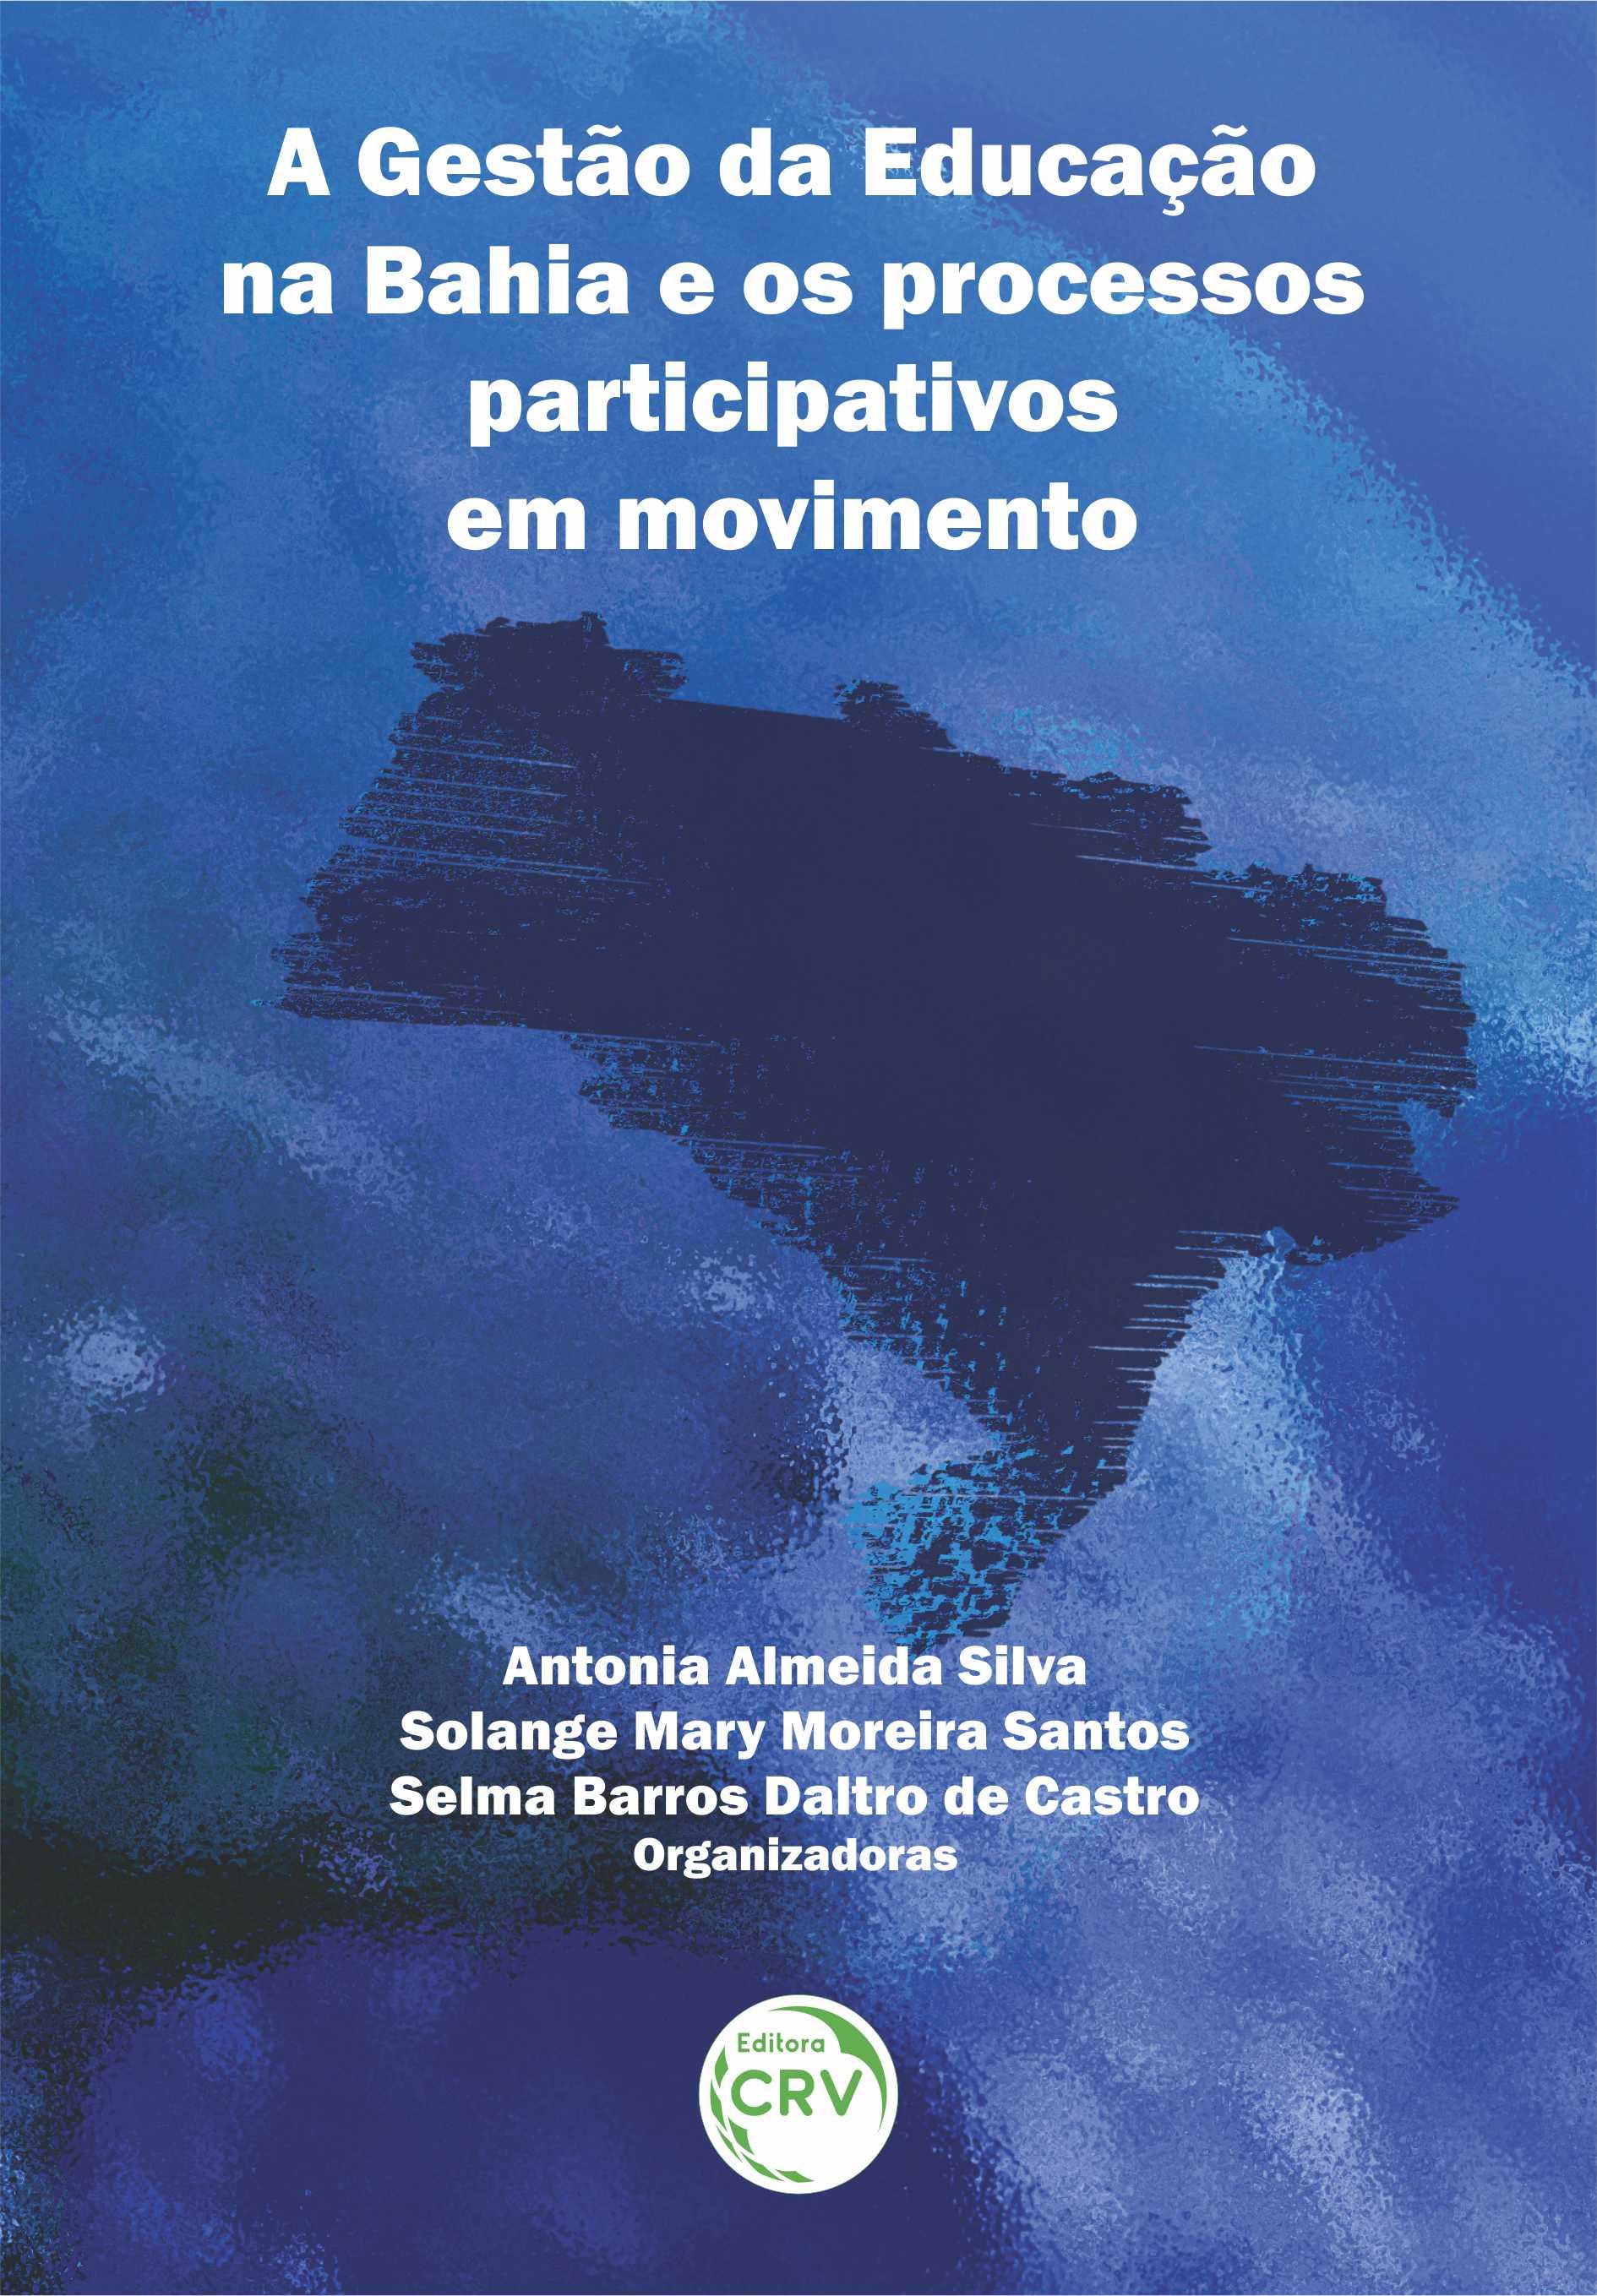 Capa do livro: A GESTÃO DA EDUCAÇÃO NA BAHIA E OS PROCESSOS PARTICIPATIVOS EM MOVIMENTO